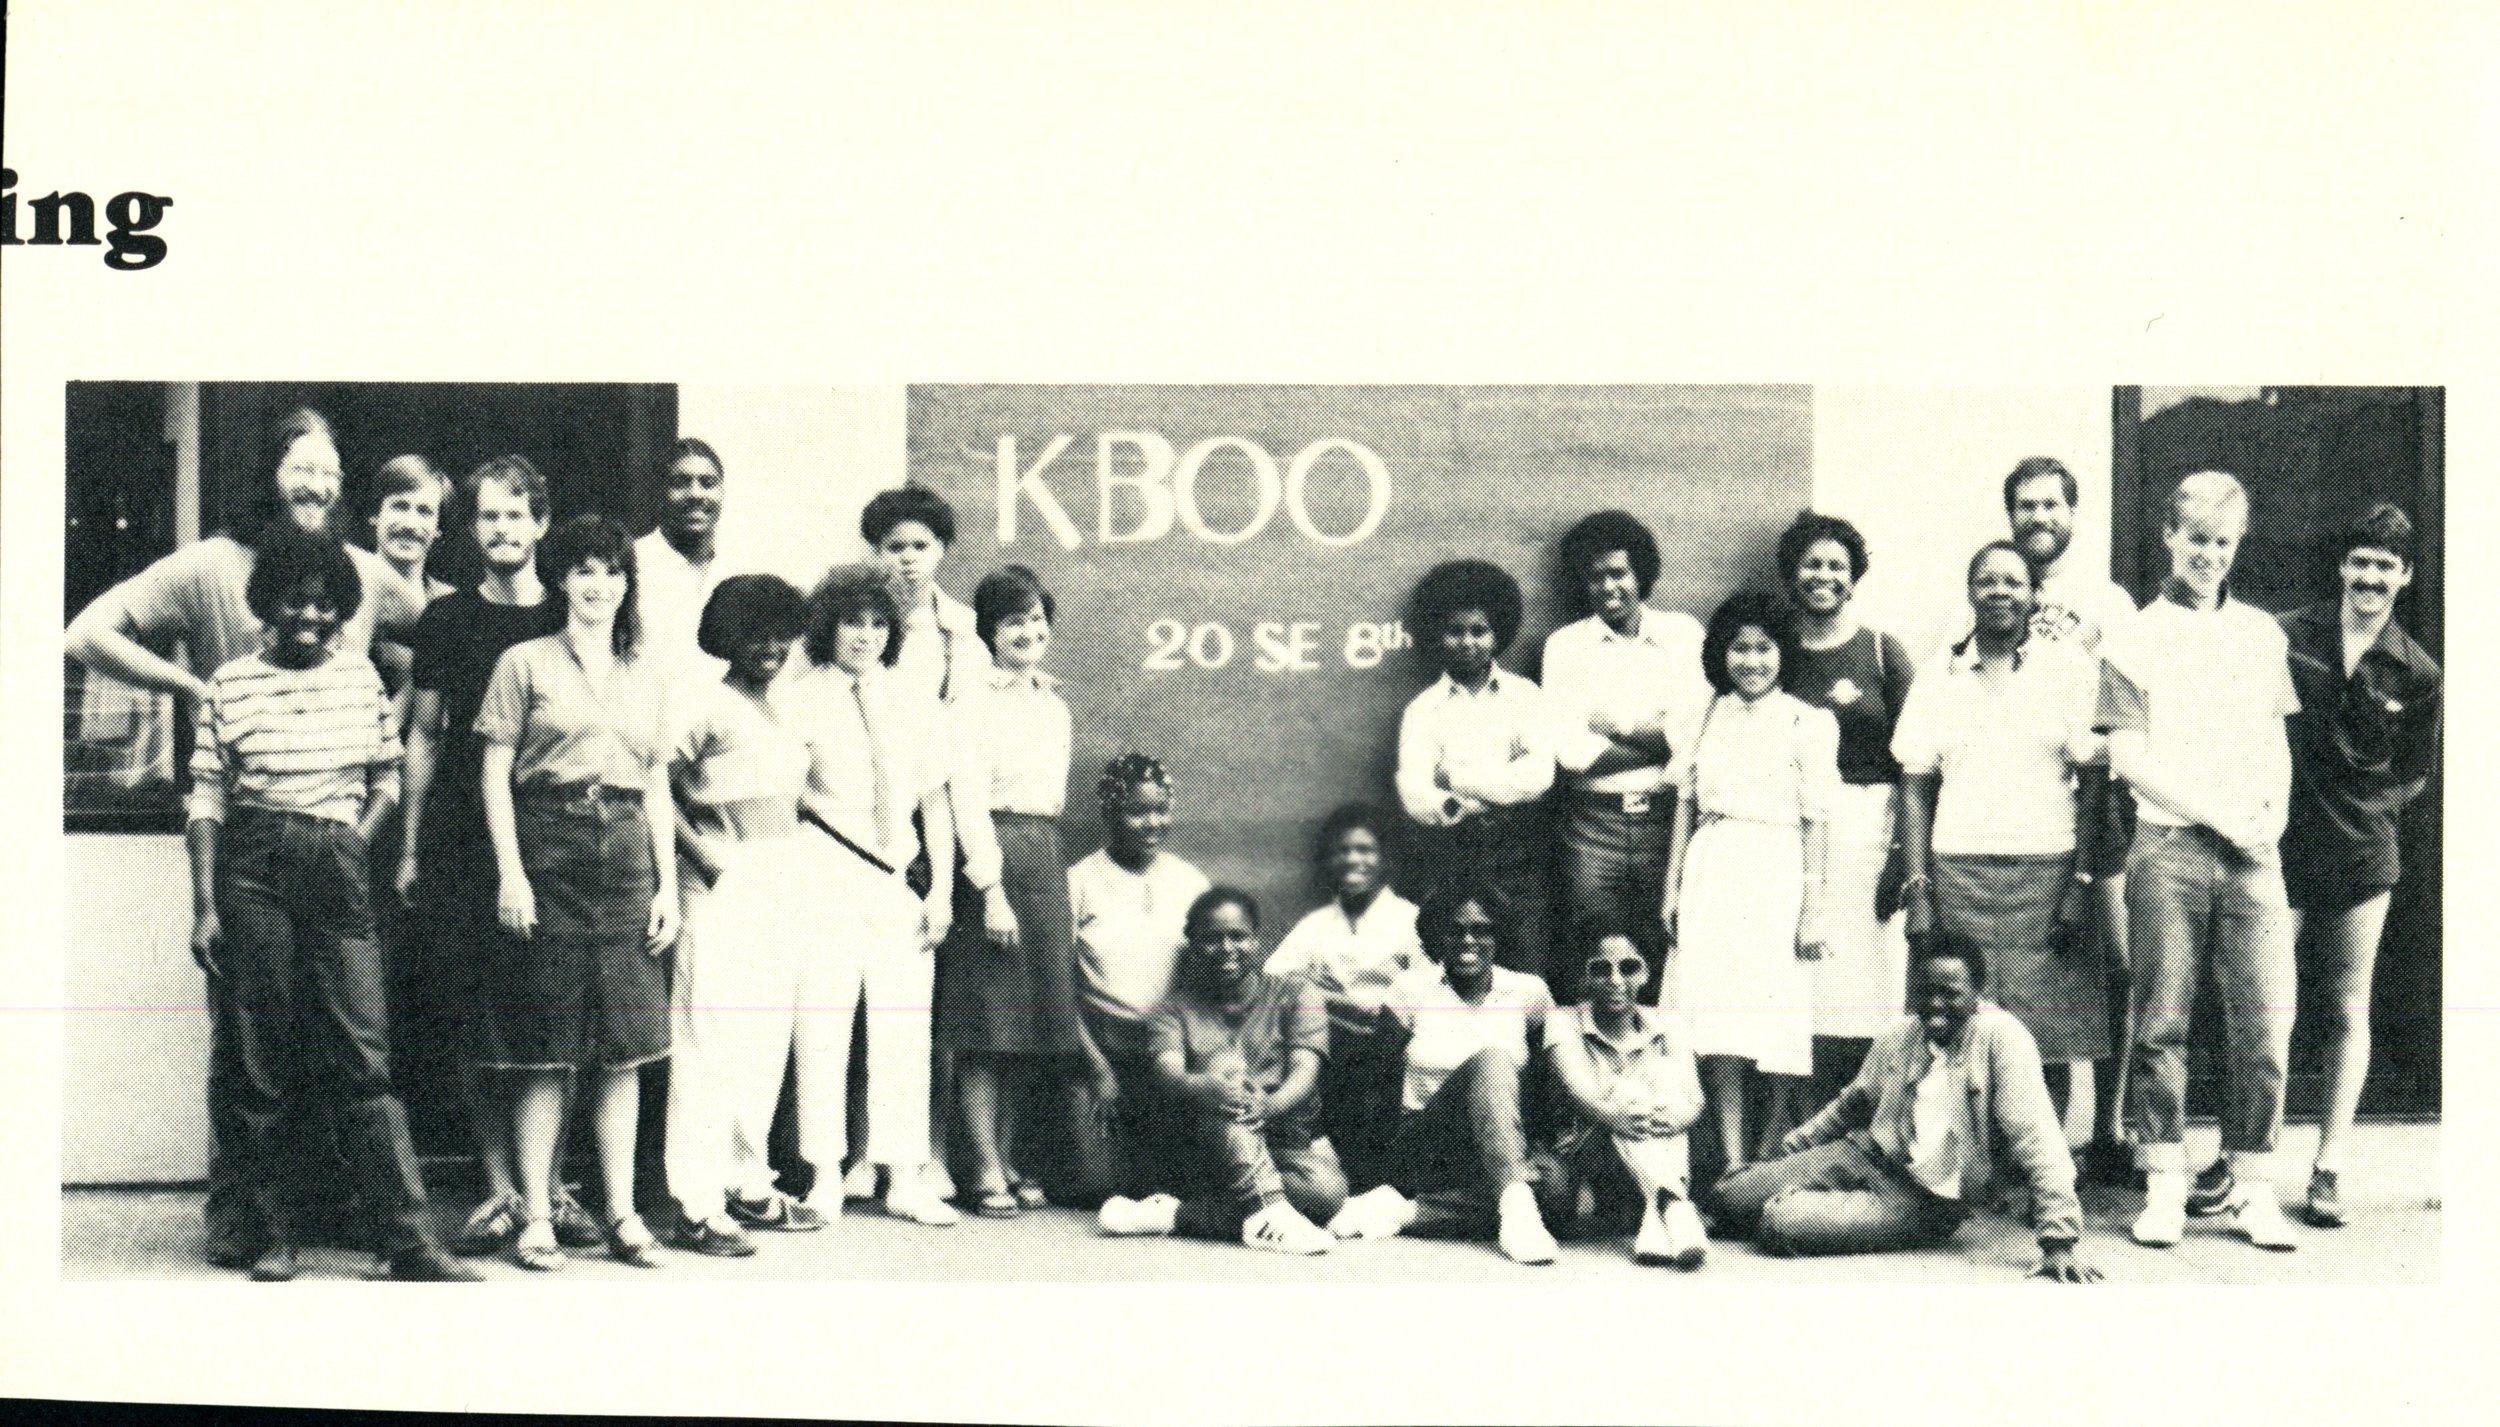 KBOO_photos_album3_048.jpg